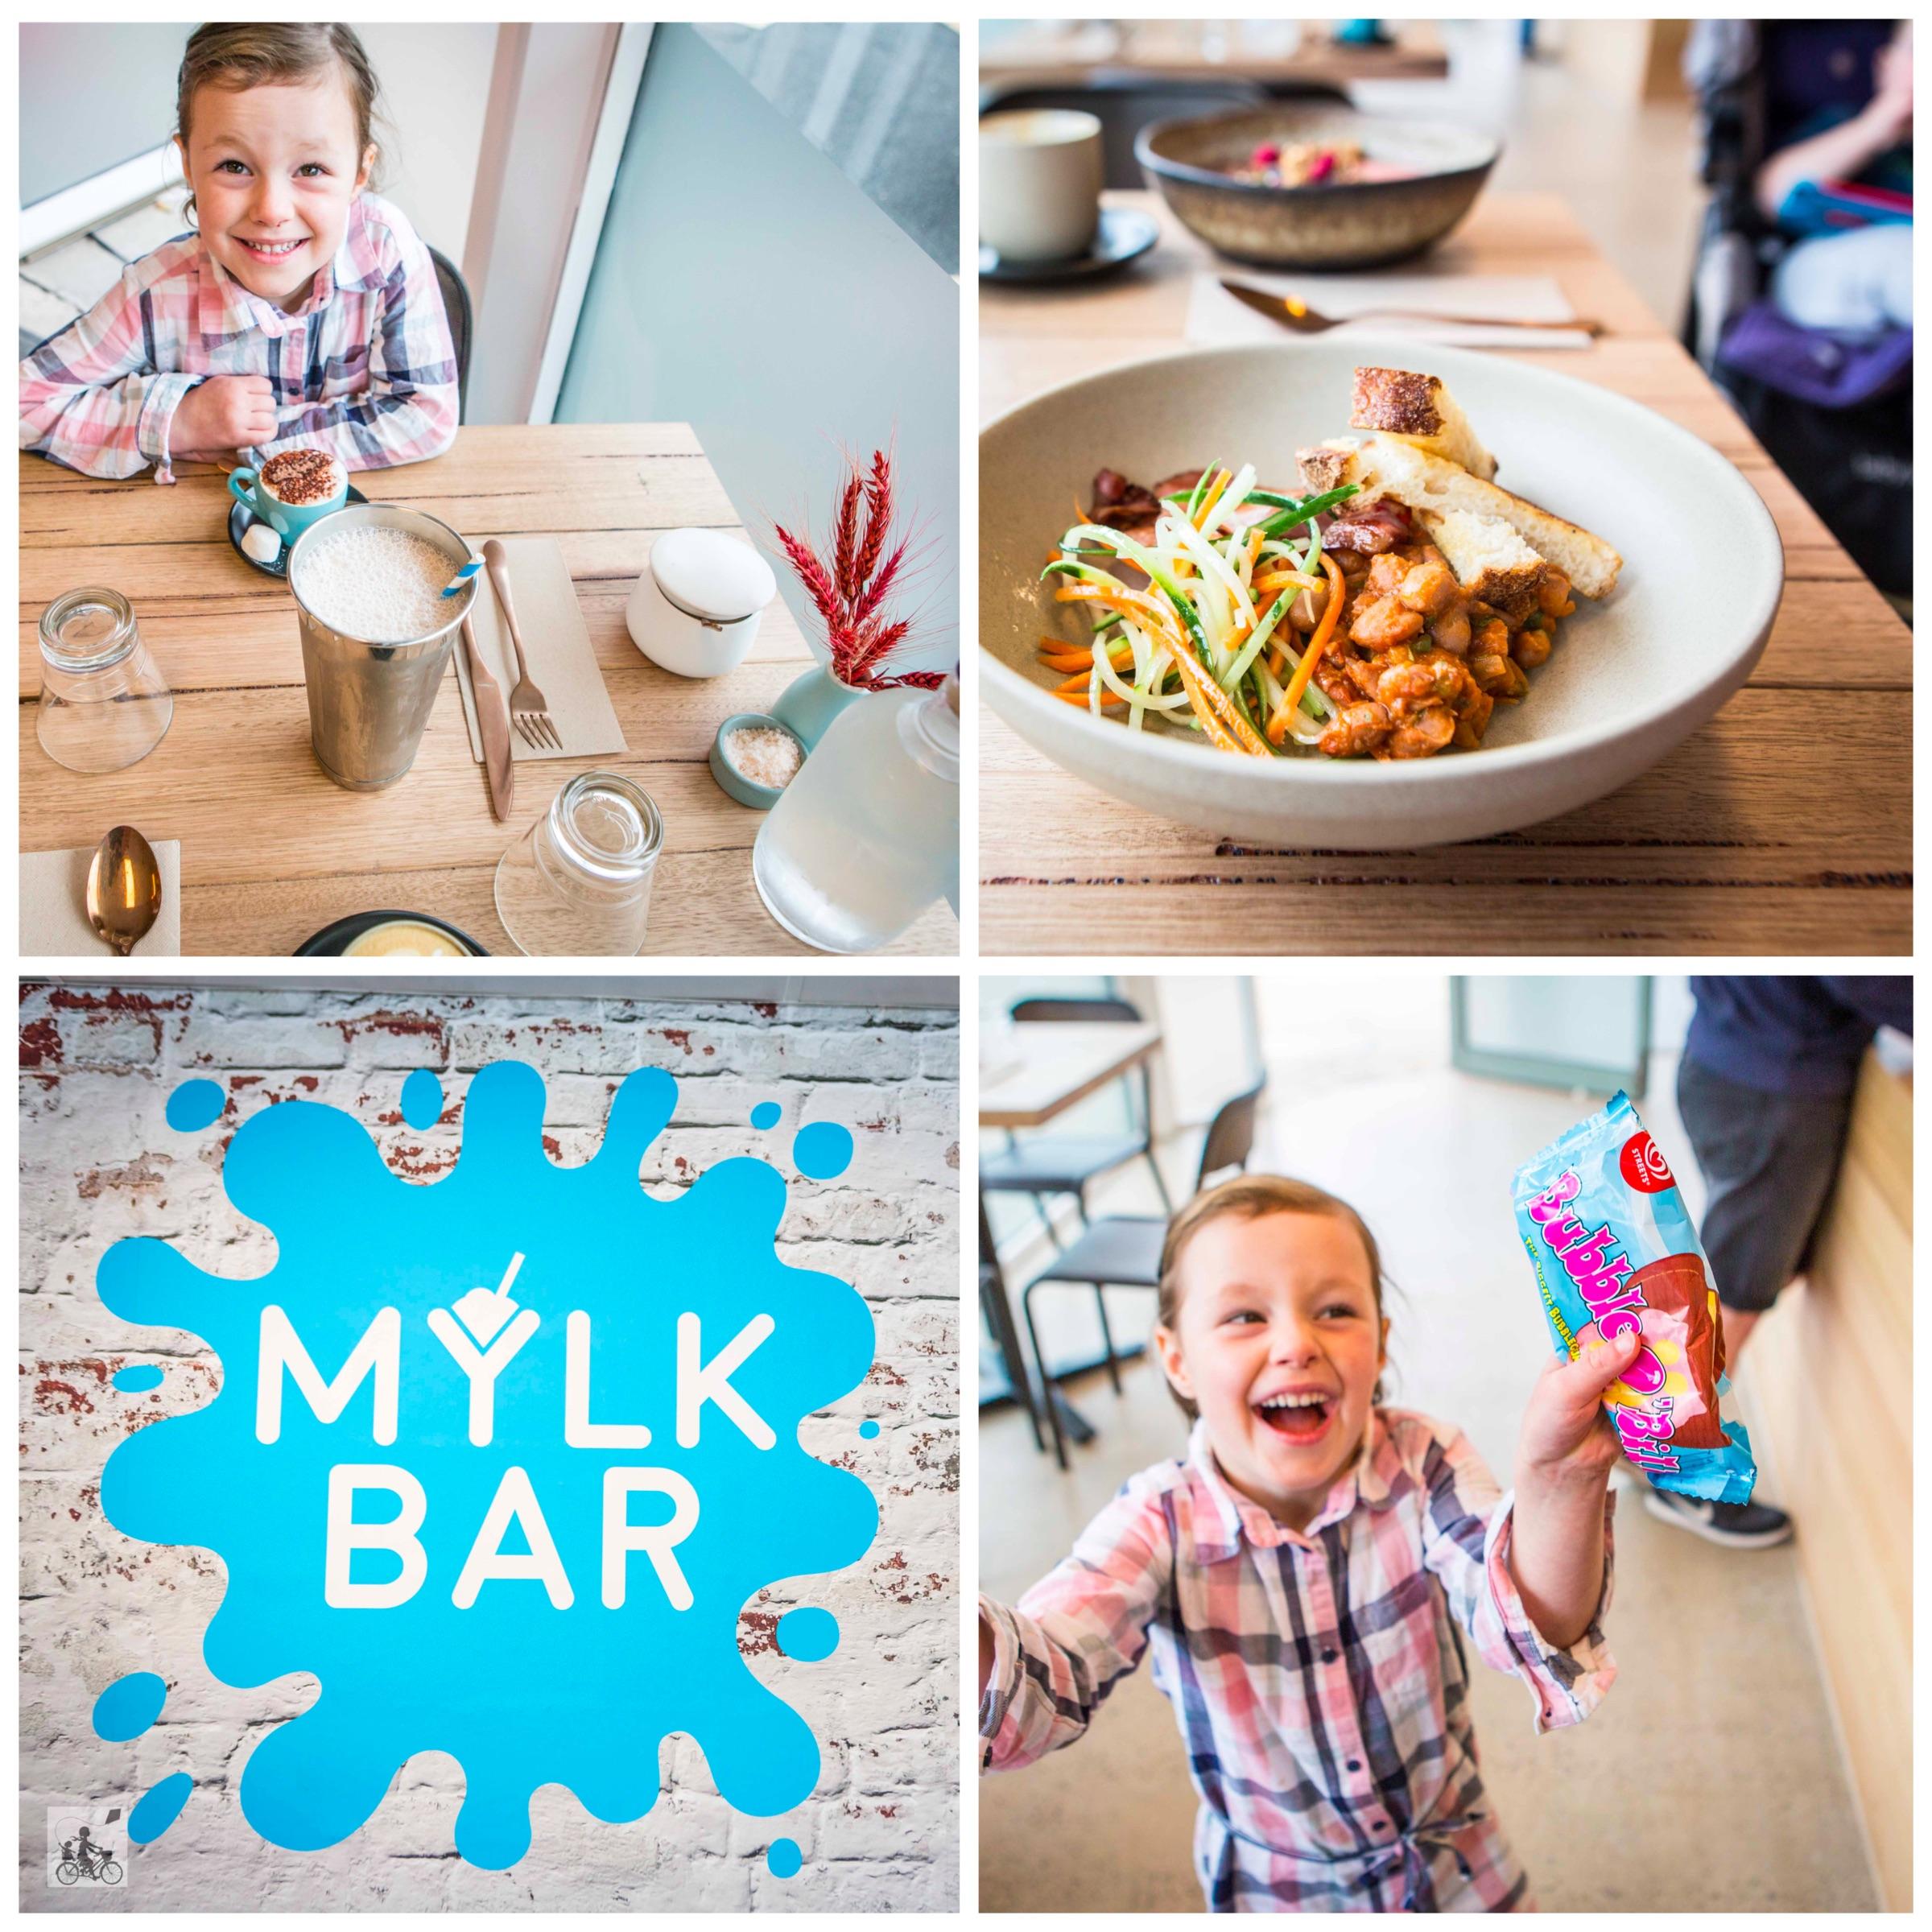 02 Mylk bar, mitcham - Mamma Knows East (1 of 36).jpg